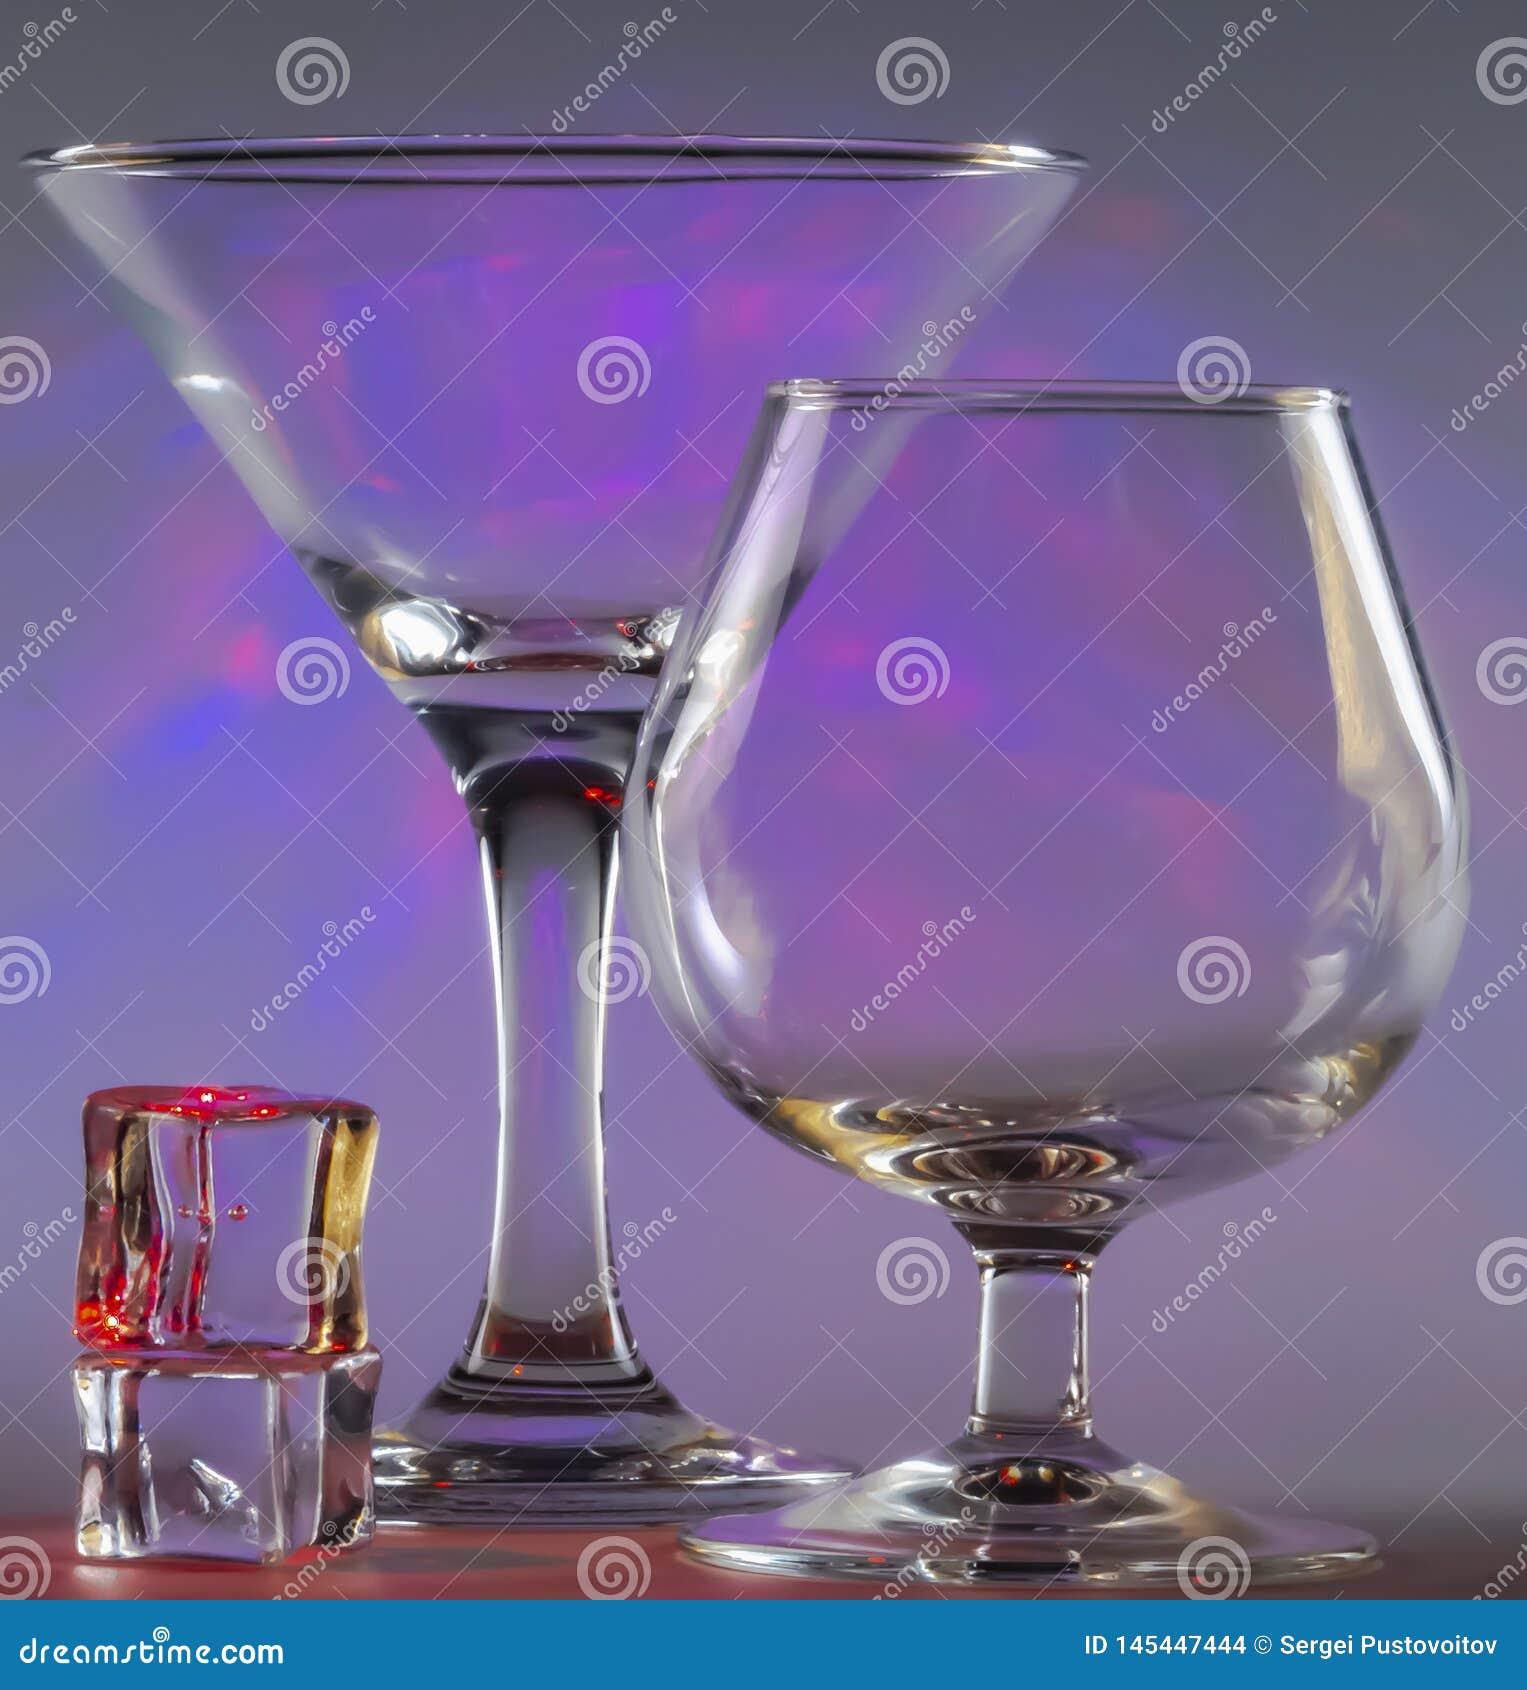 与科涅克白兰地玻璃和冰块一起的马蒂尼鸡尾酒玻璃与在背景的闪动的光滑的紫罗兰色光